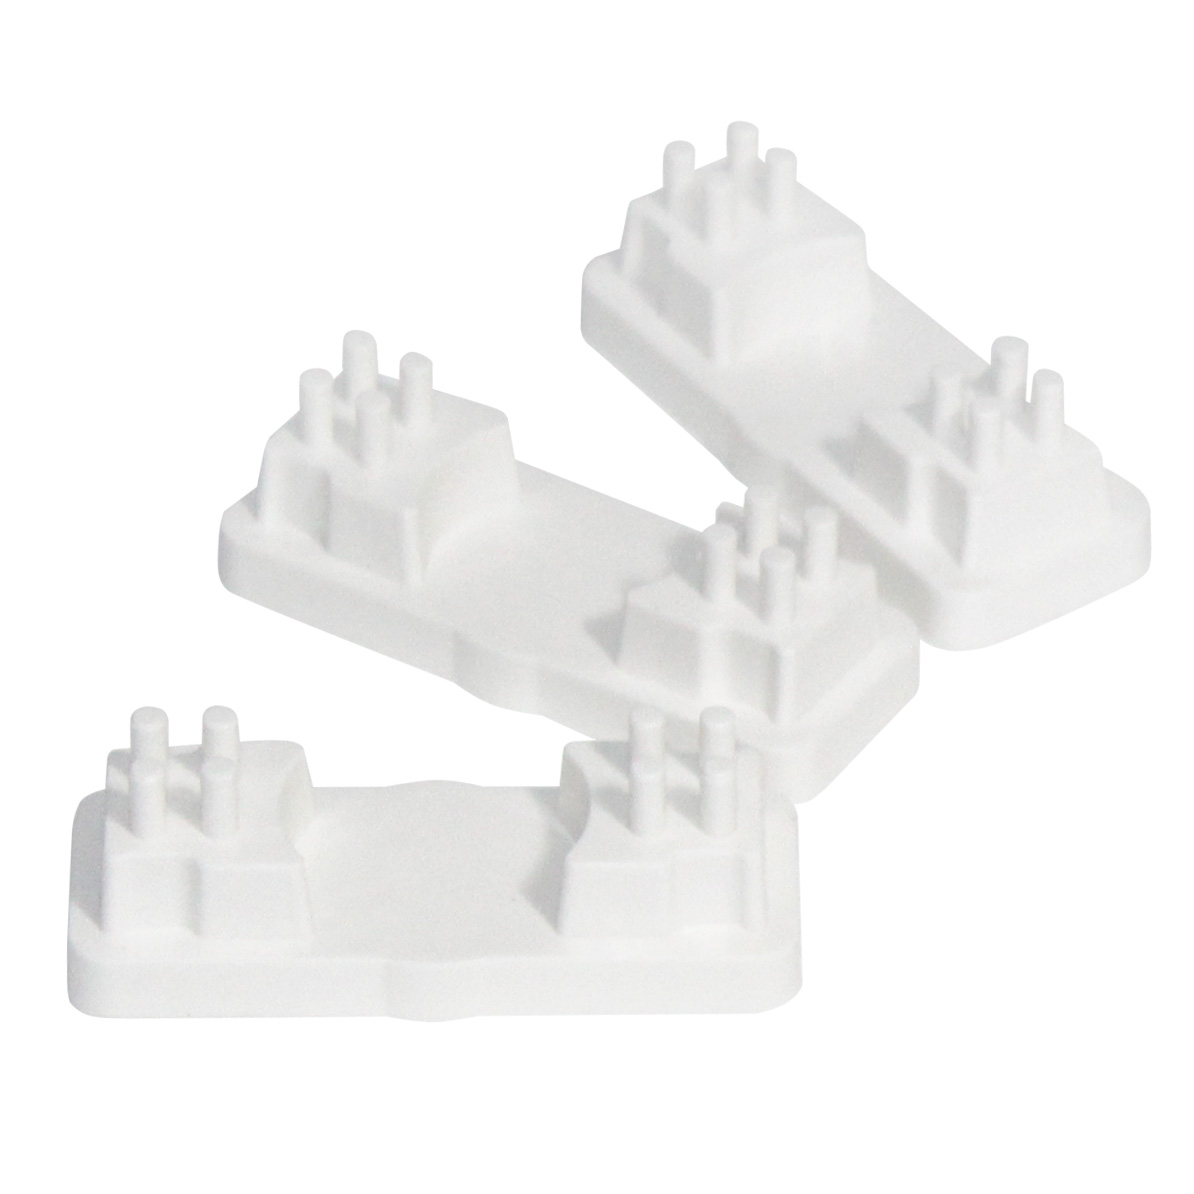 Placa de vedação arcada parcial (Pacote com 3 unidades)